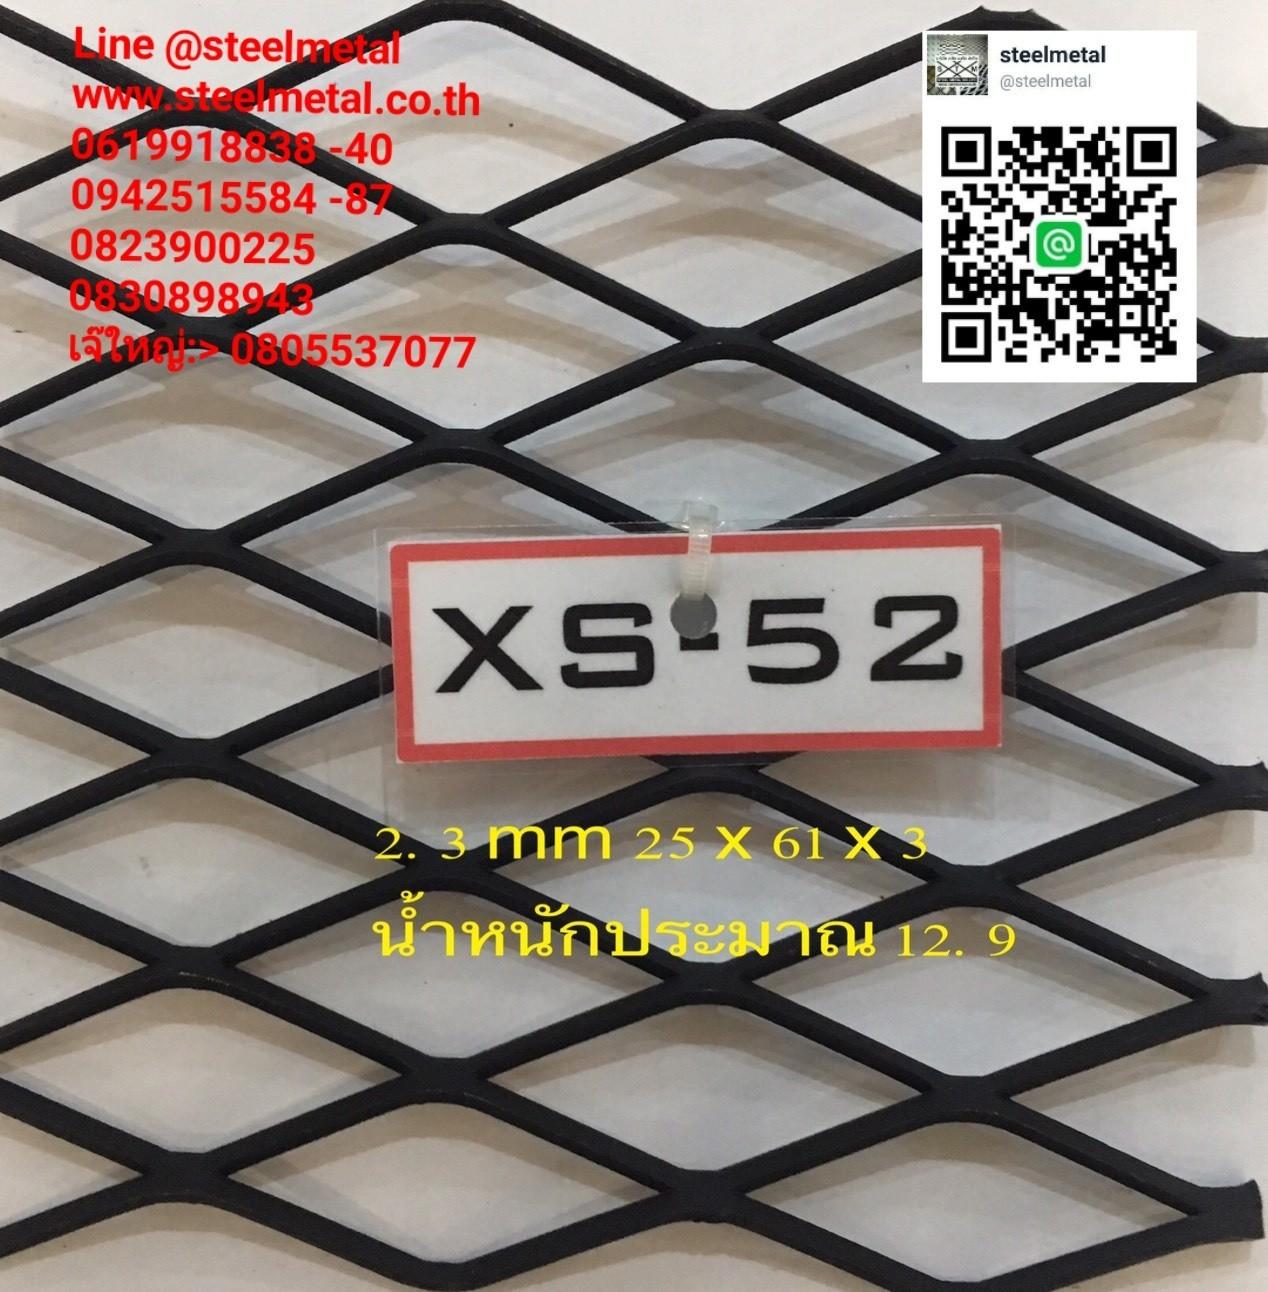 ตะแกรงเหล็กฉีกXS-52